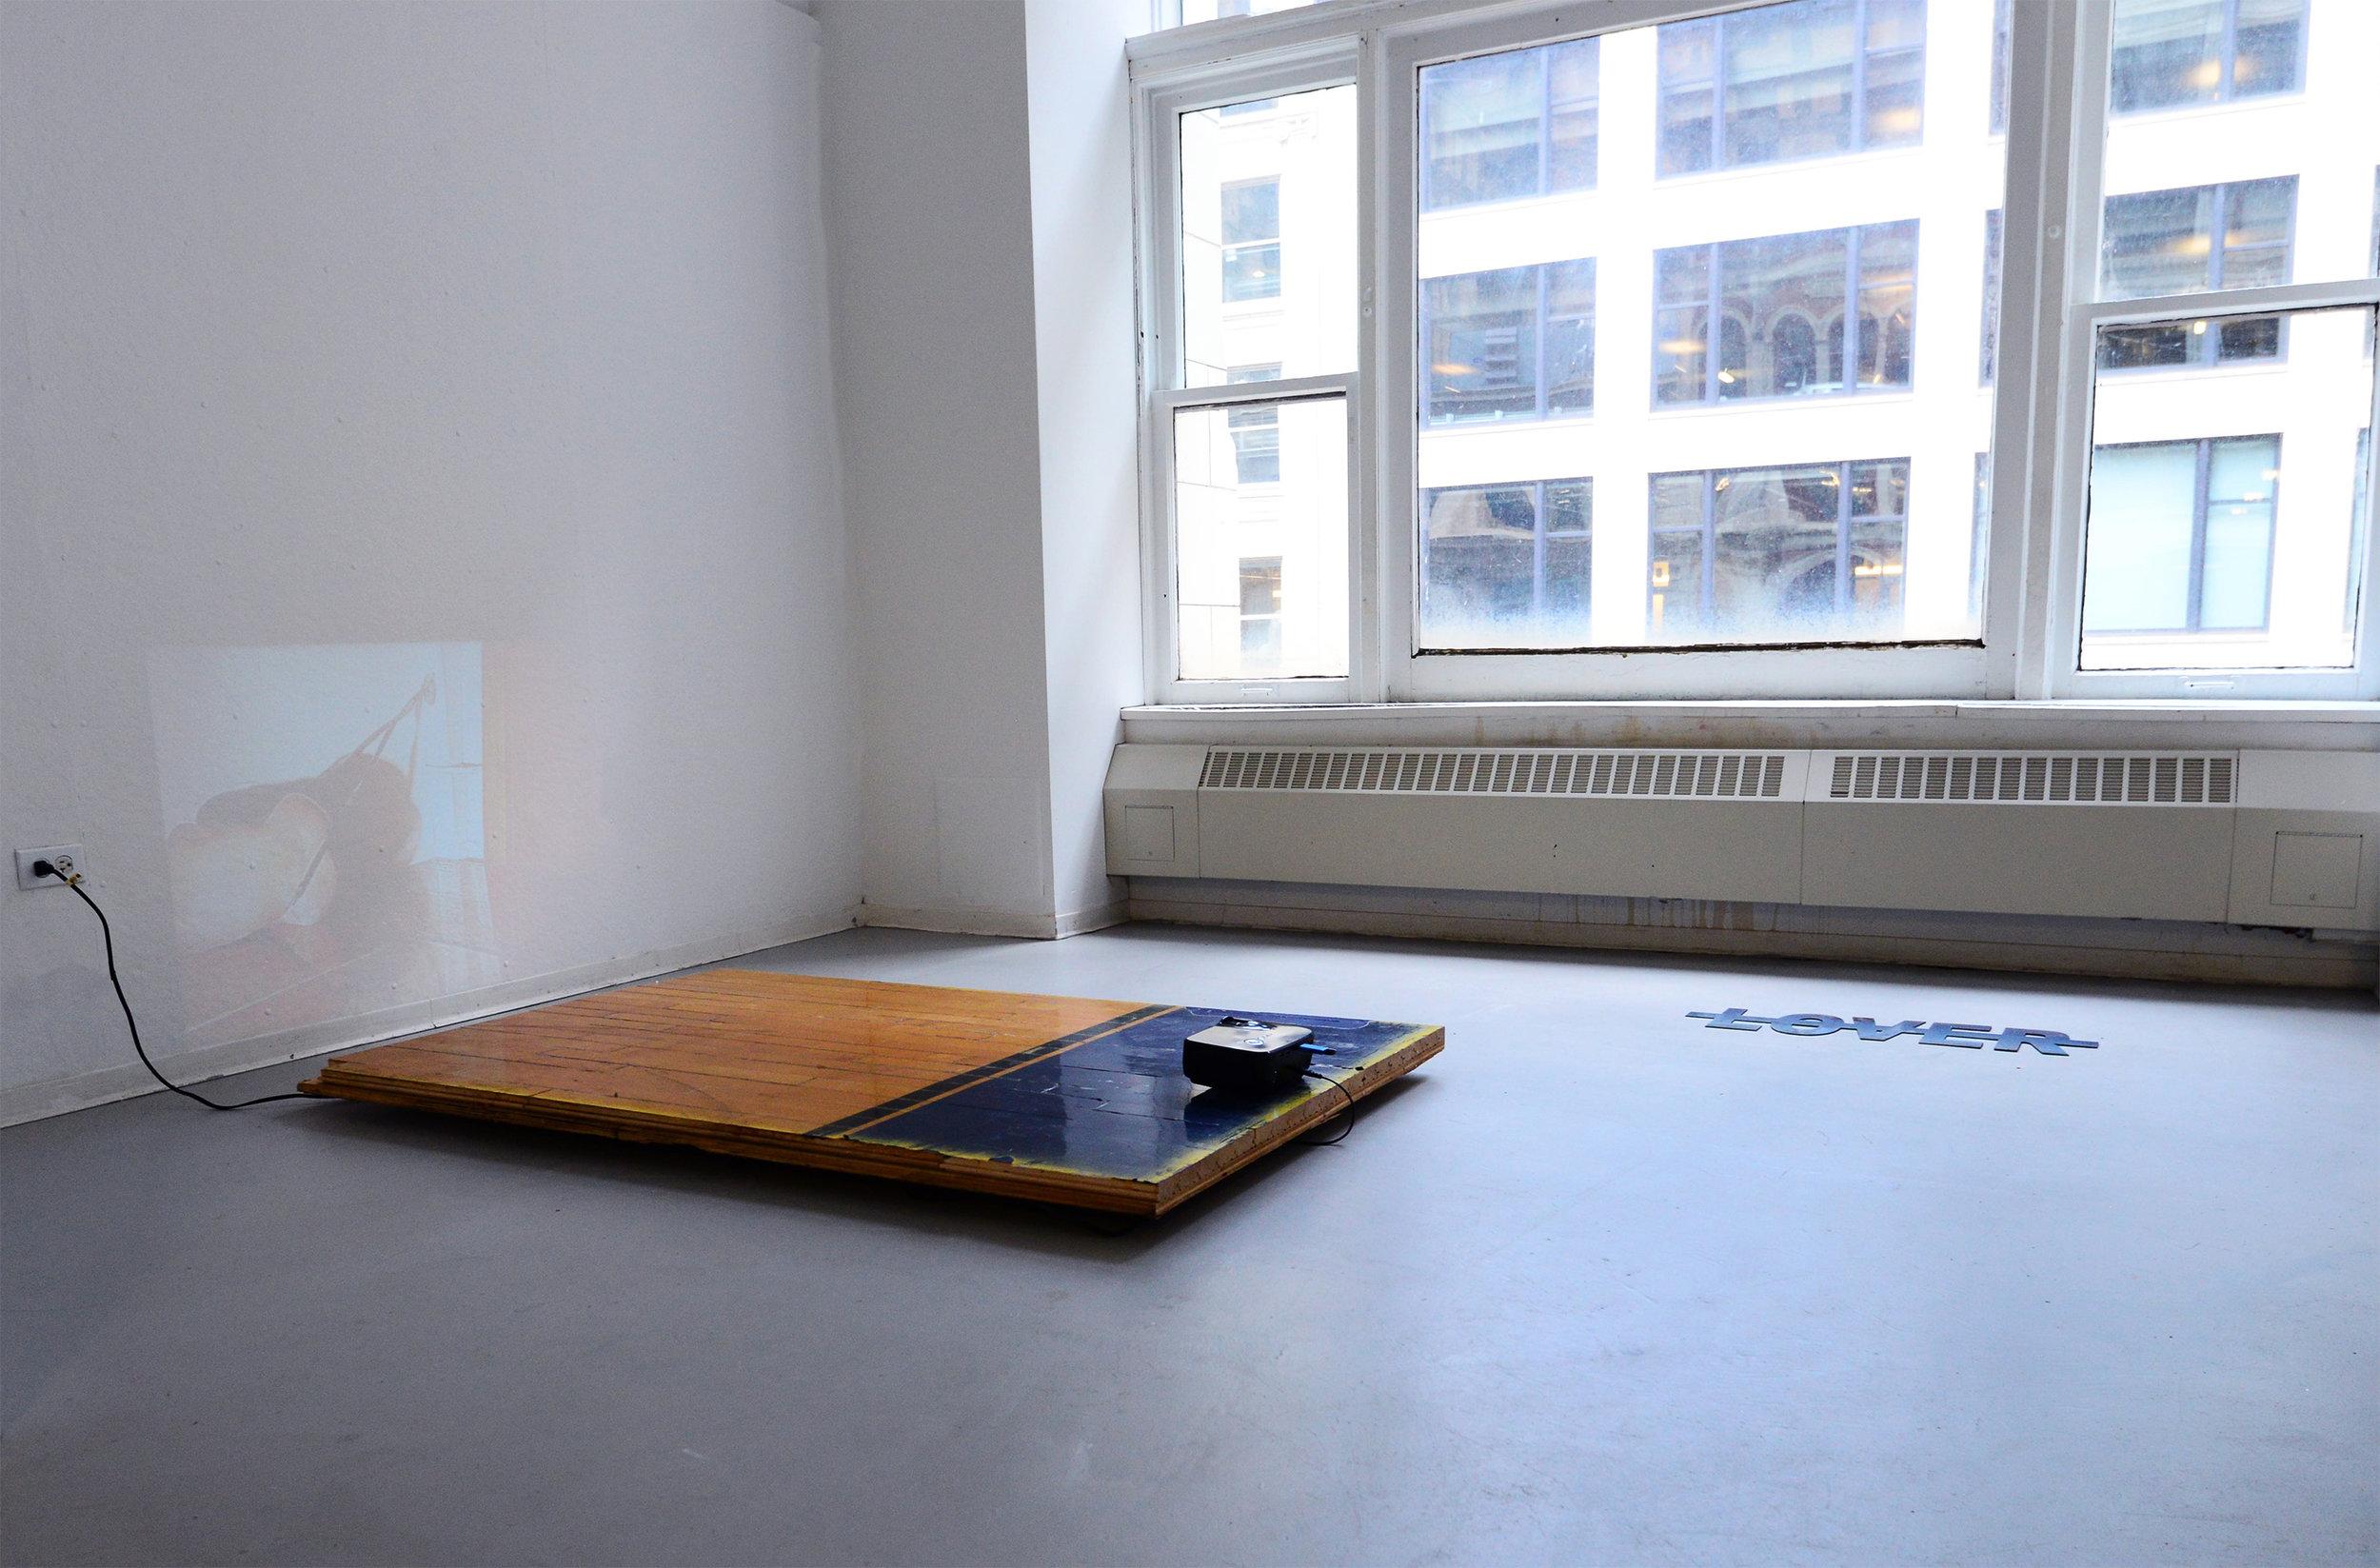 Jacqueline-Surdell-Artist-Installation-Shuddering-Turns-to-Sobbing-04.jpg